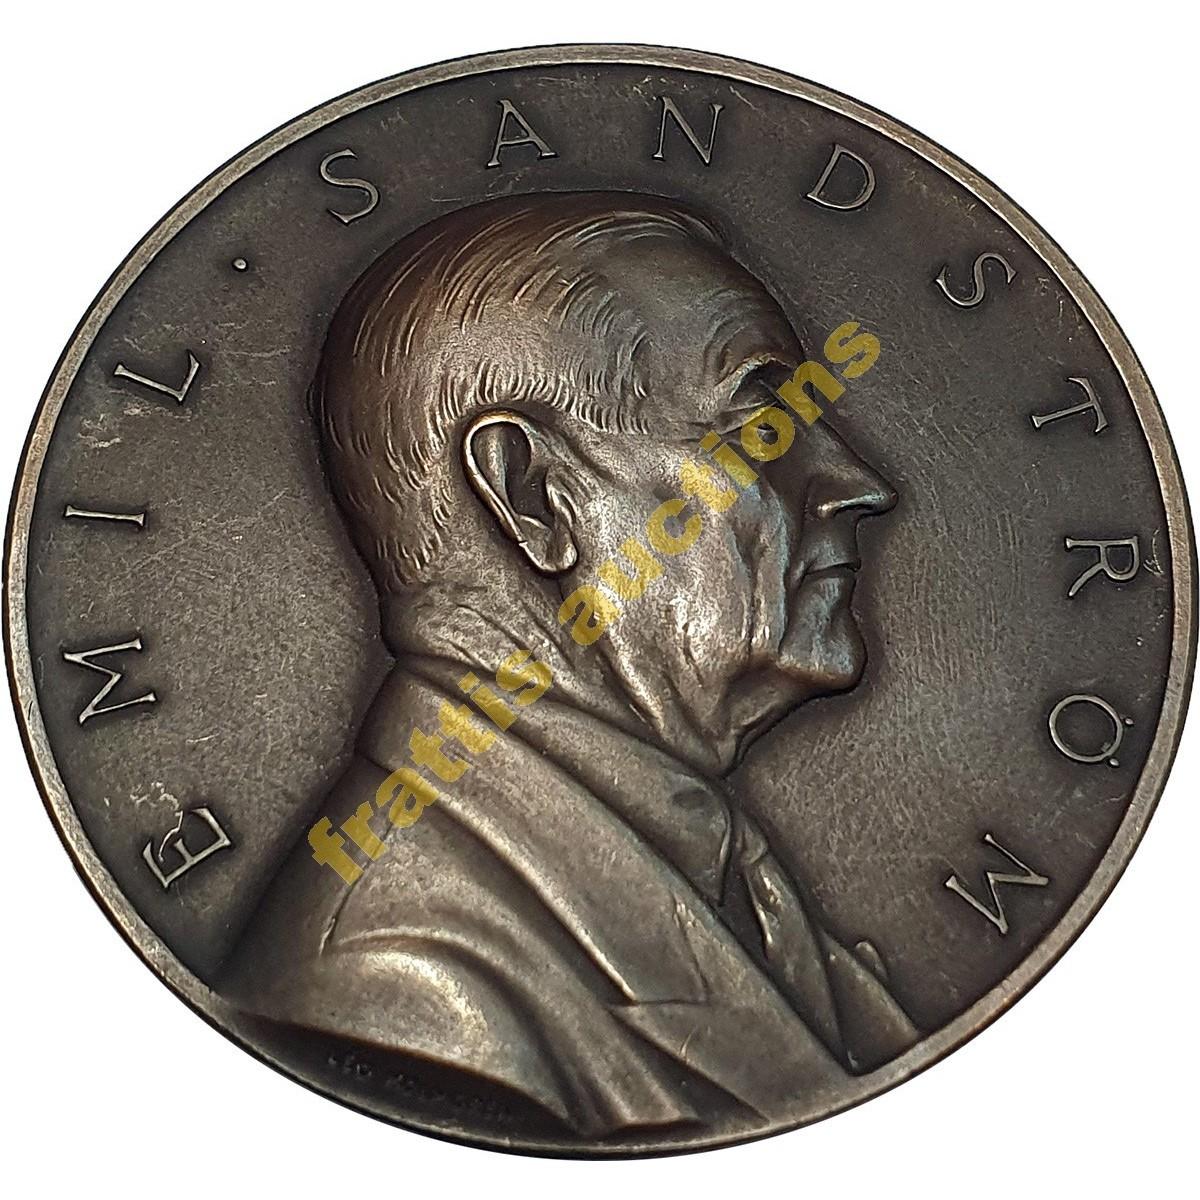 ΕΡΥΘΡΟΣ ΣΤΑΥΡΟΣ Emil Sandstrom, μετάλλιο